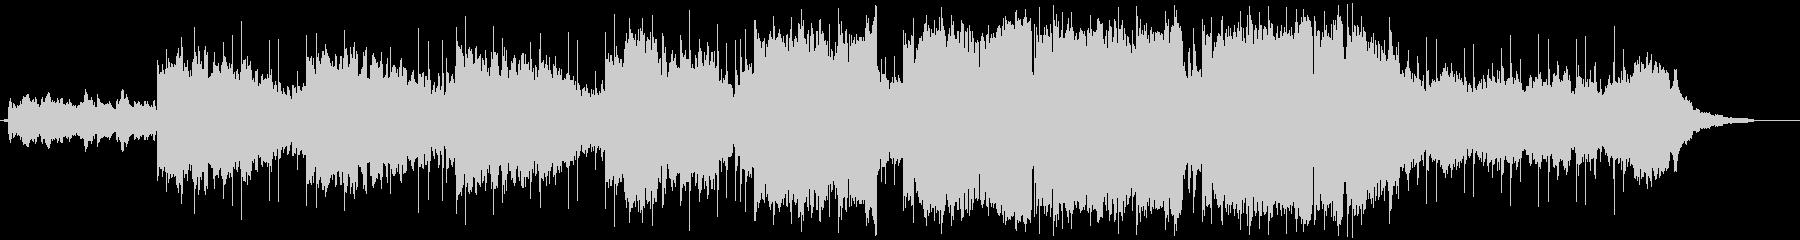 ハードボイルドな切ない曲の未再生の波形